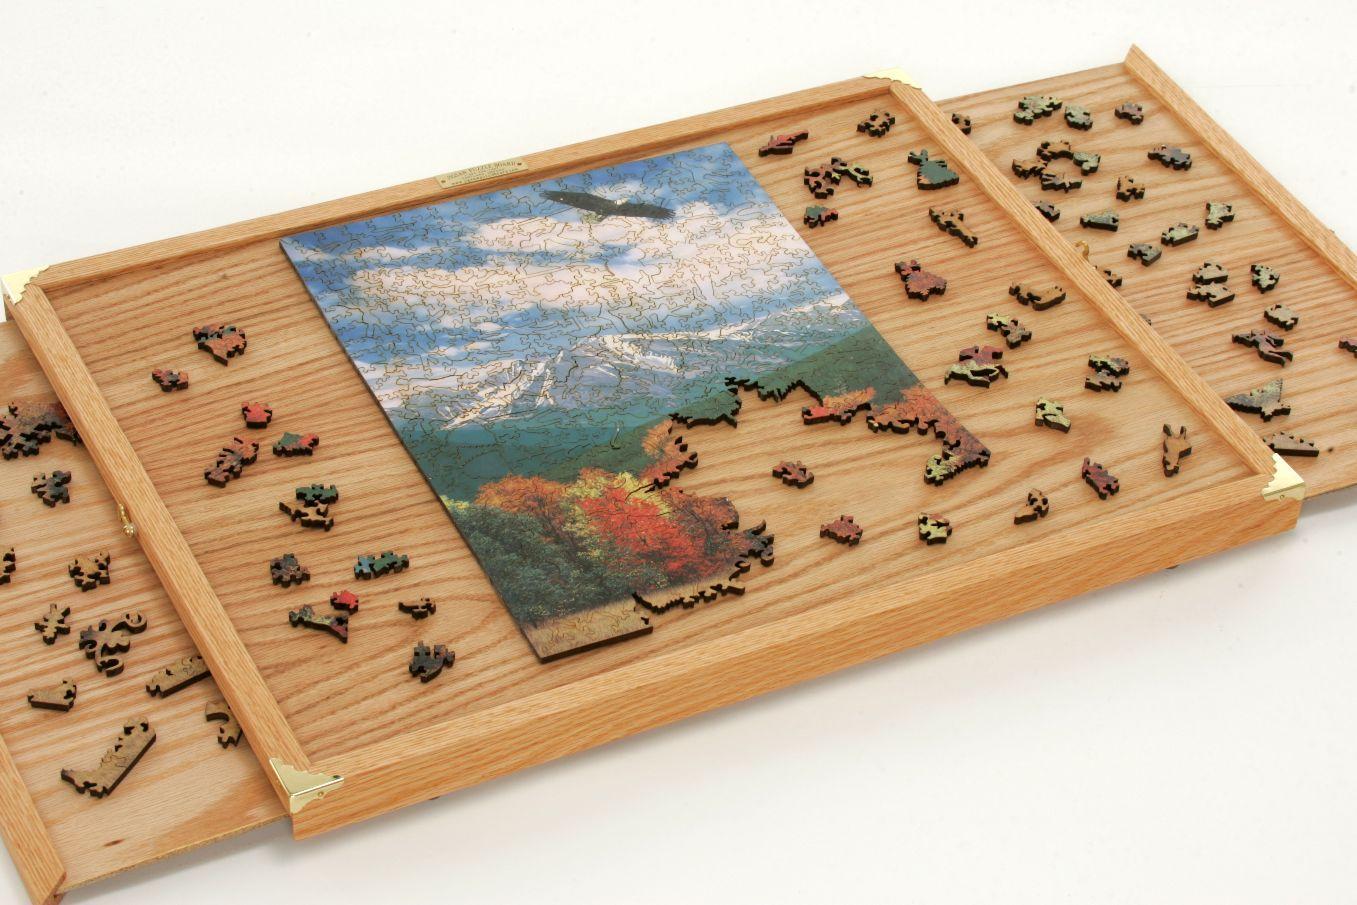 Puzzle Board Mit Bildern Spiele